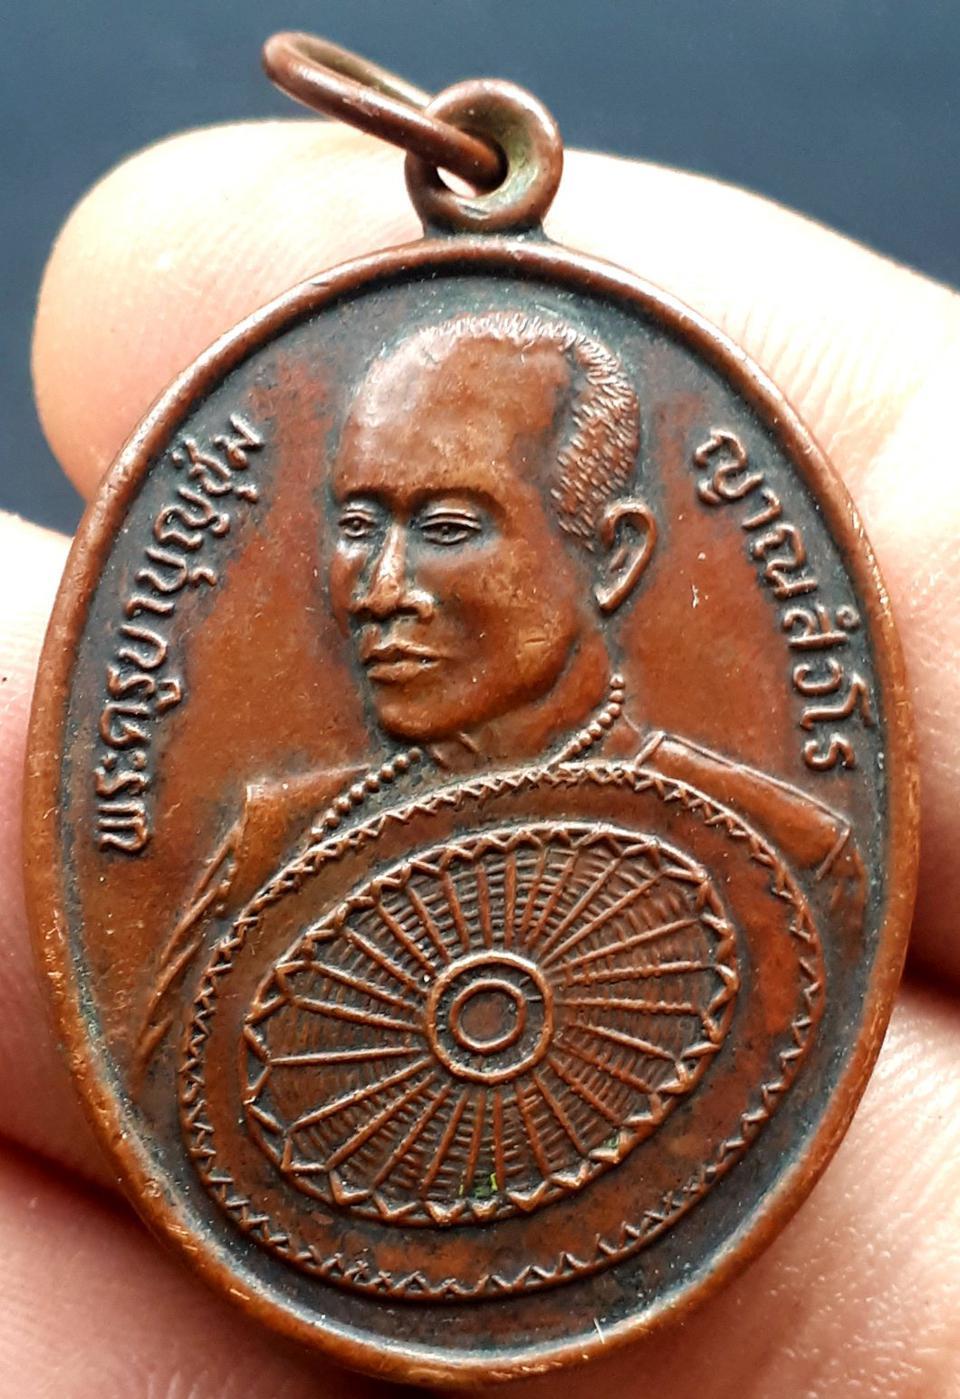 เหรียญพระครูบาบุญชุ่ม  ญาณสํวโร  วัดพระธาตุดอนเรือง  พม่า รูปที่ 3